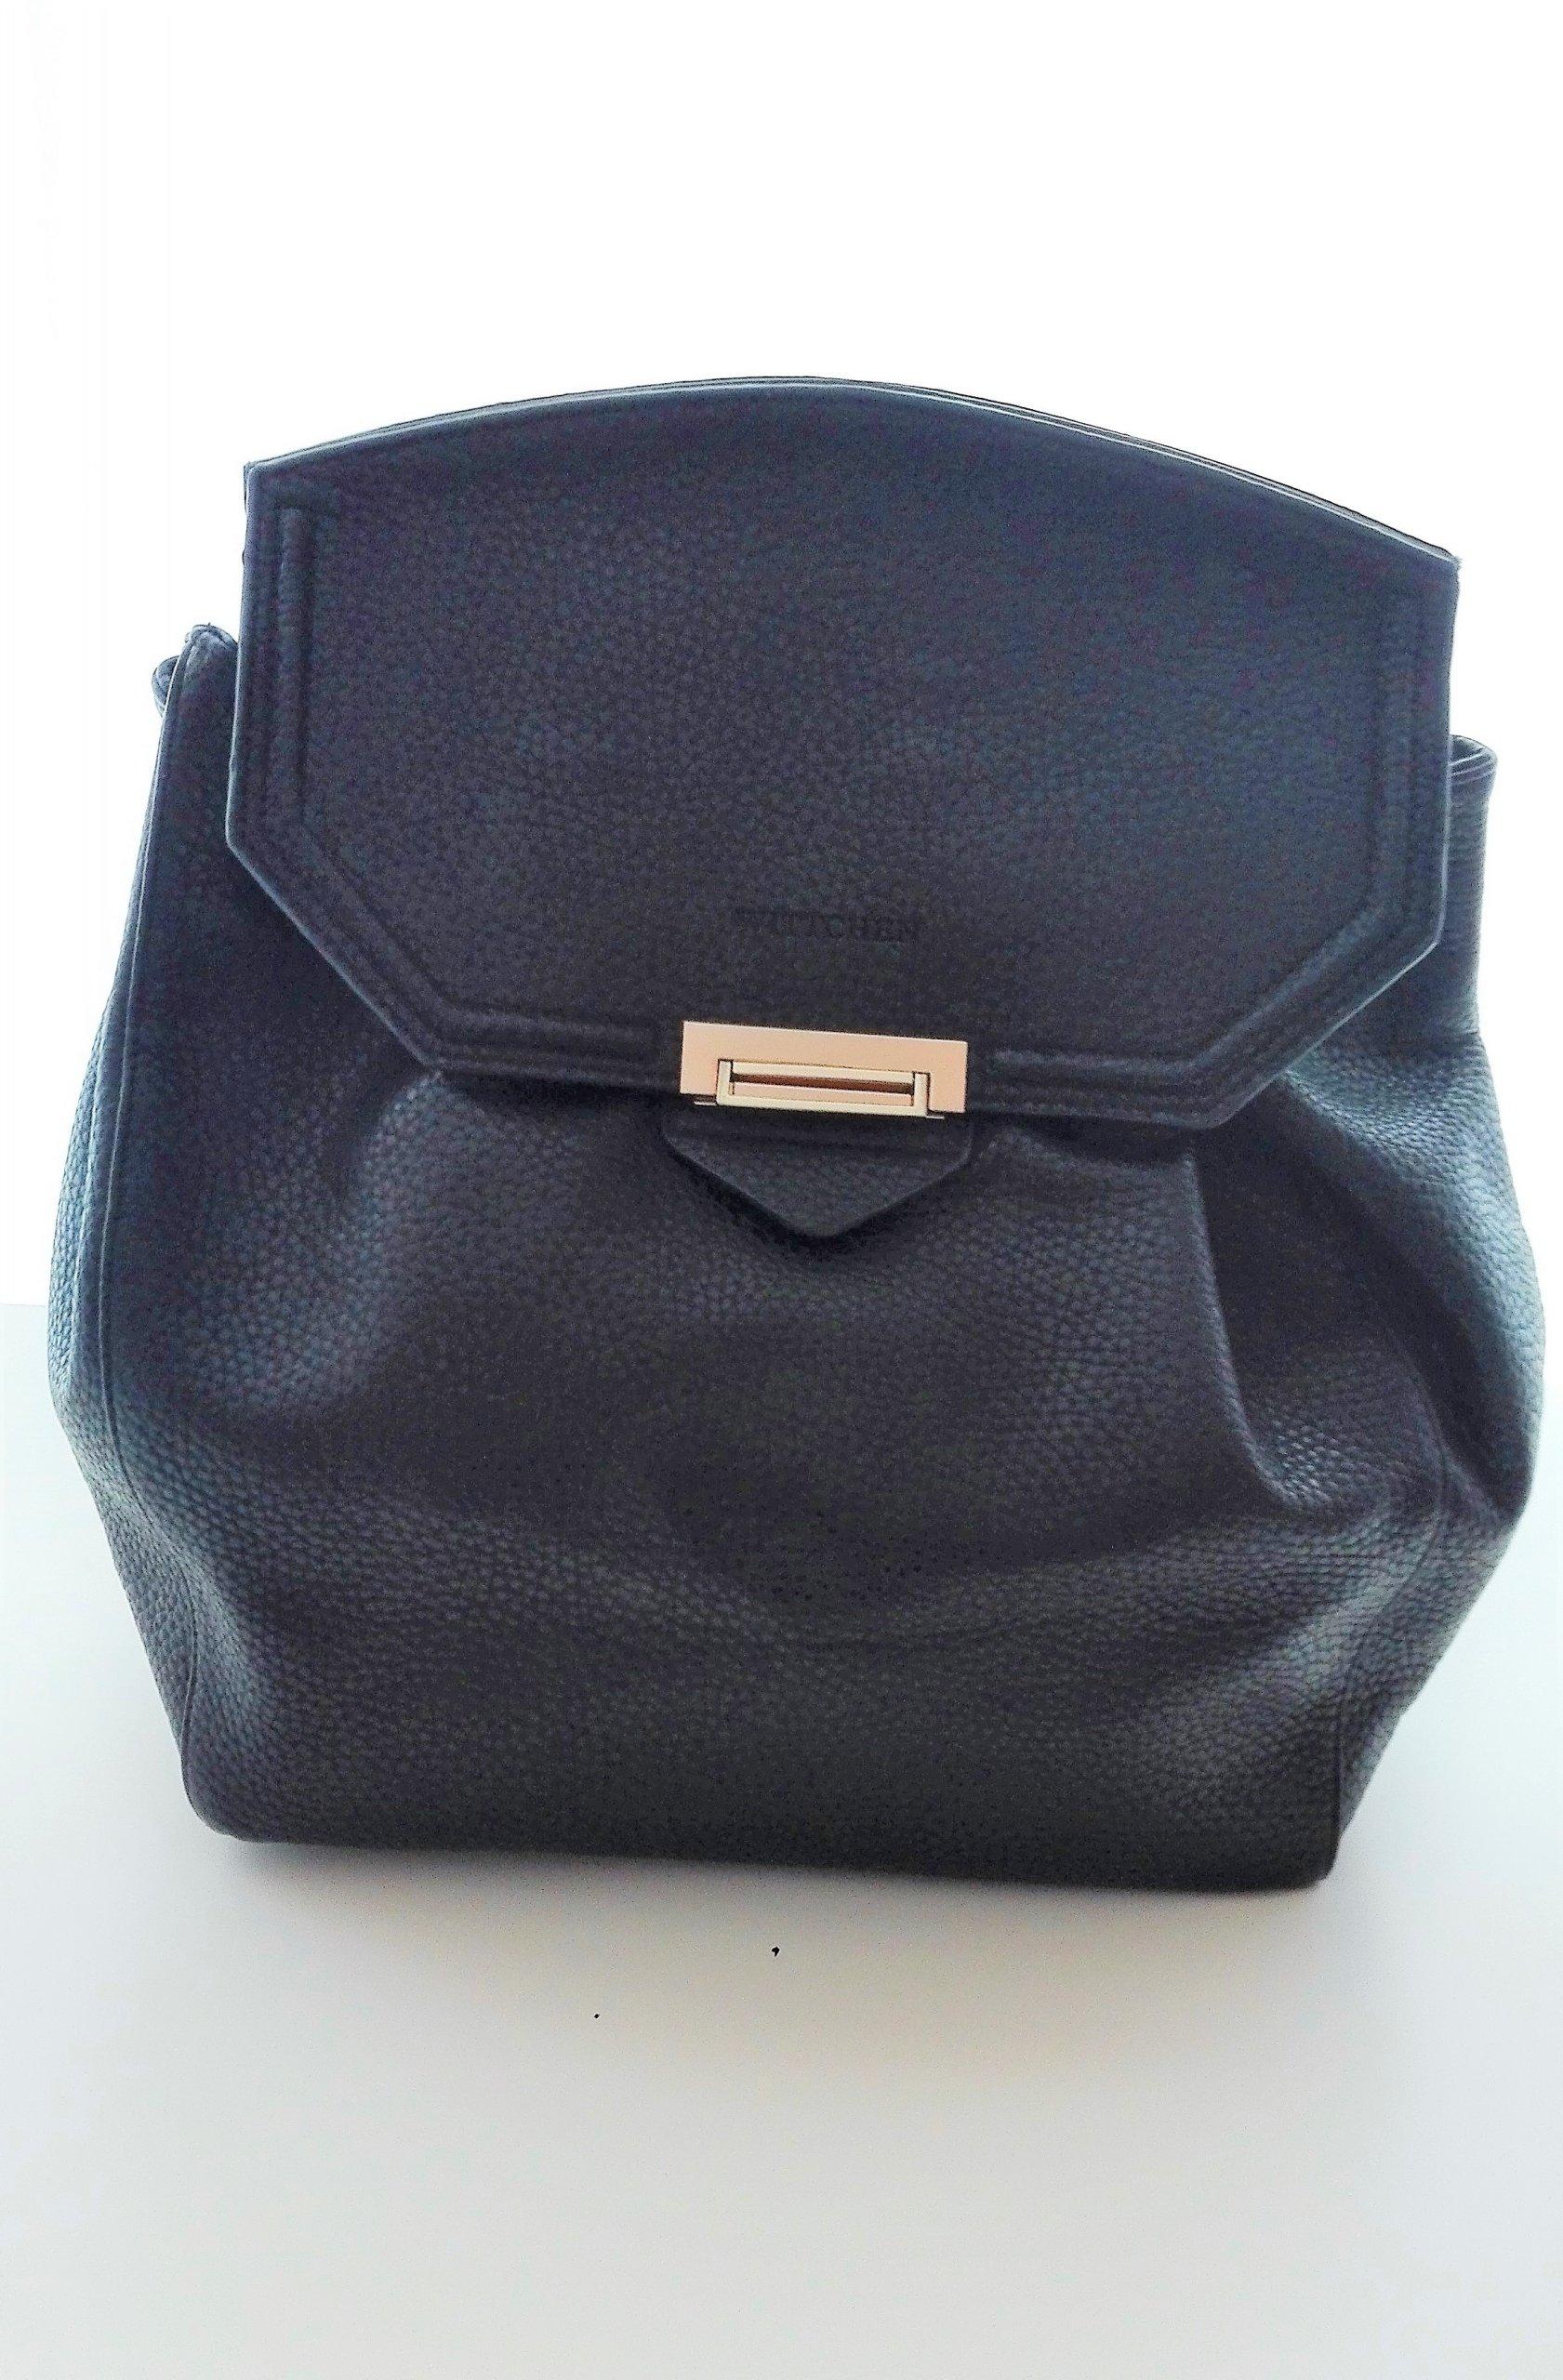 295939b59f7ca WITTCHEN Miejski plecak eko skóra czarny - 7218028975 - oficjalne ...